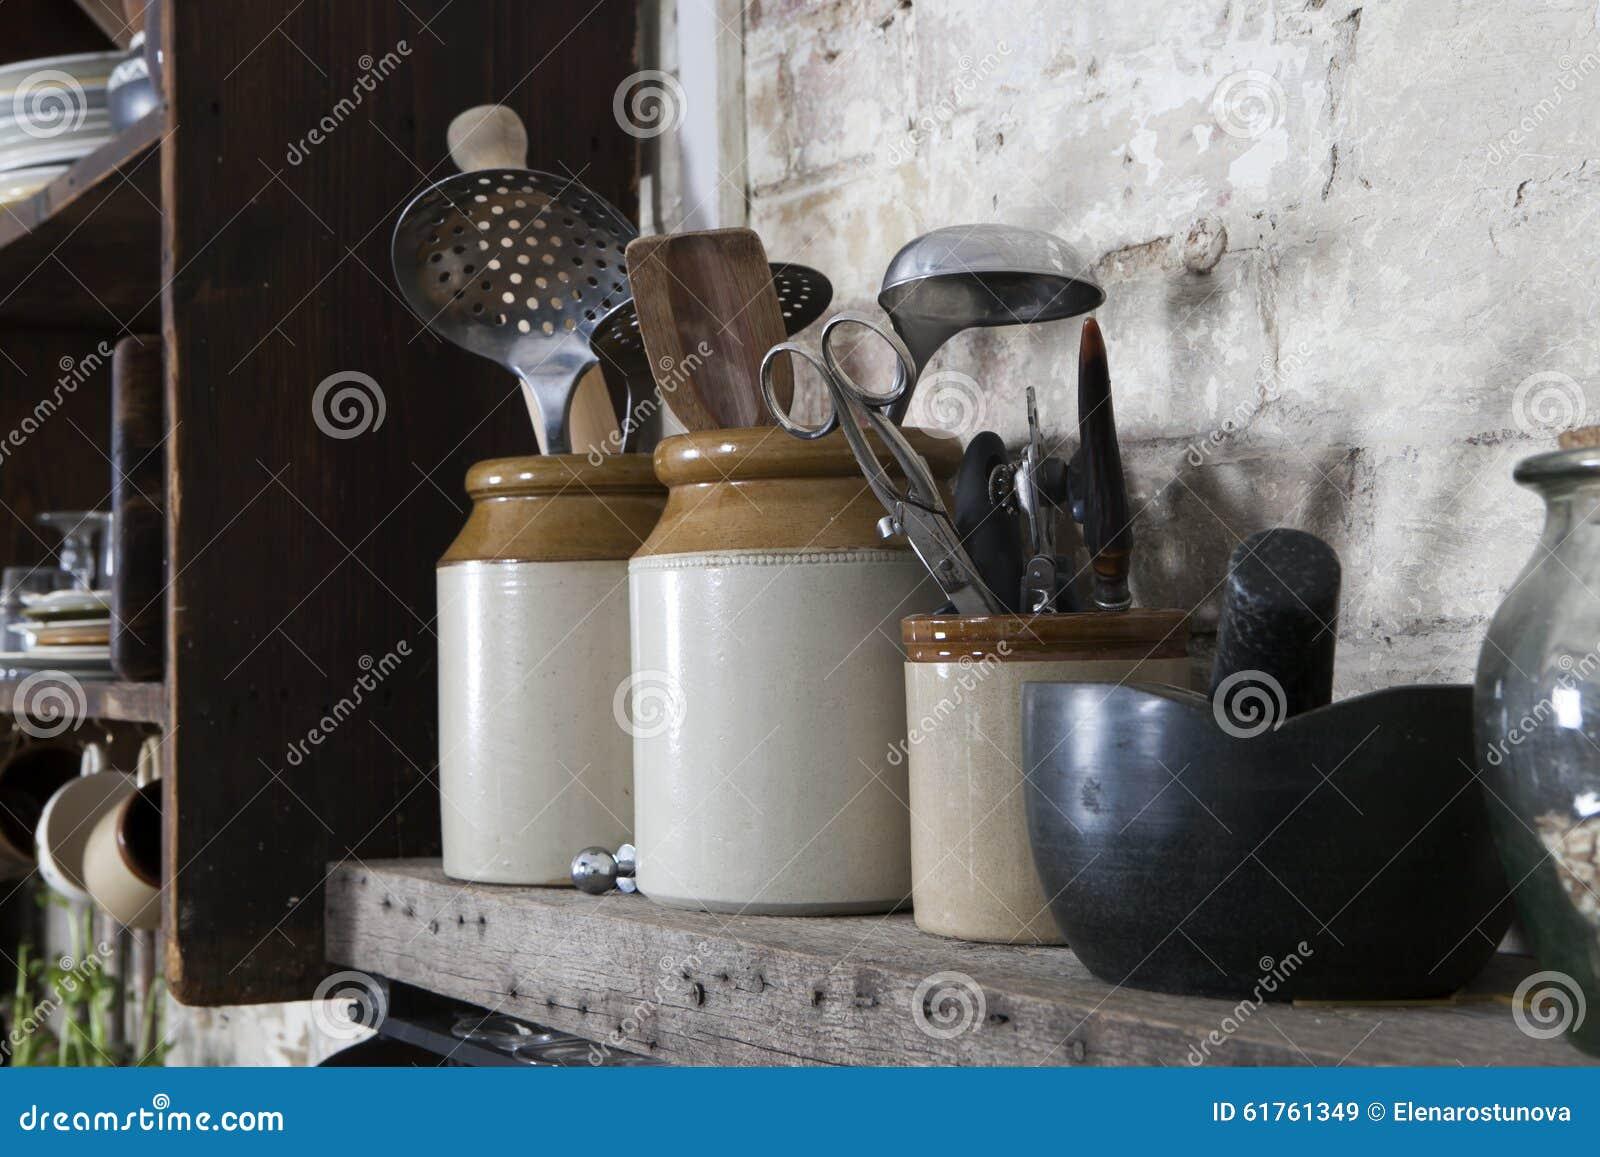 Da cozinha vida home ainda: Potenciômetro do café do vintage, canecas do esmalte e formiga